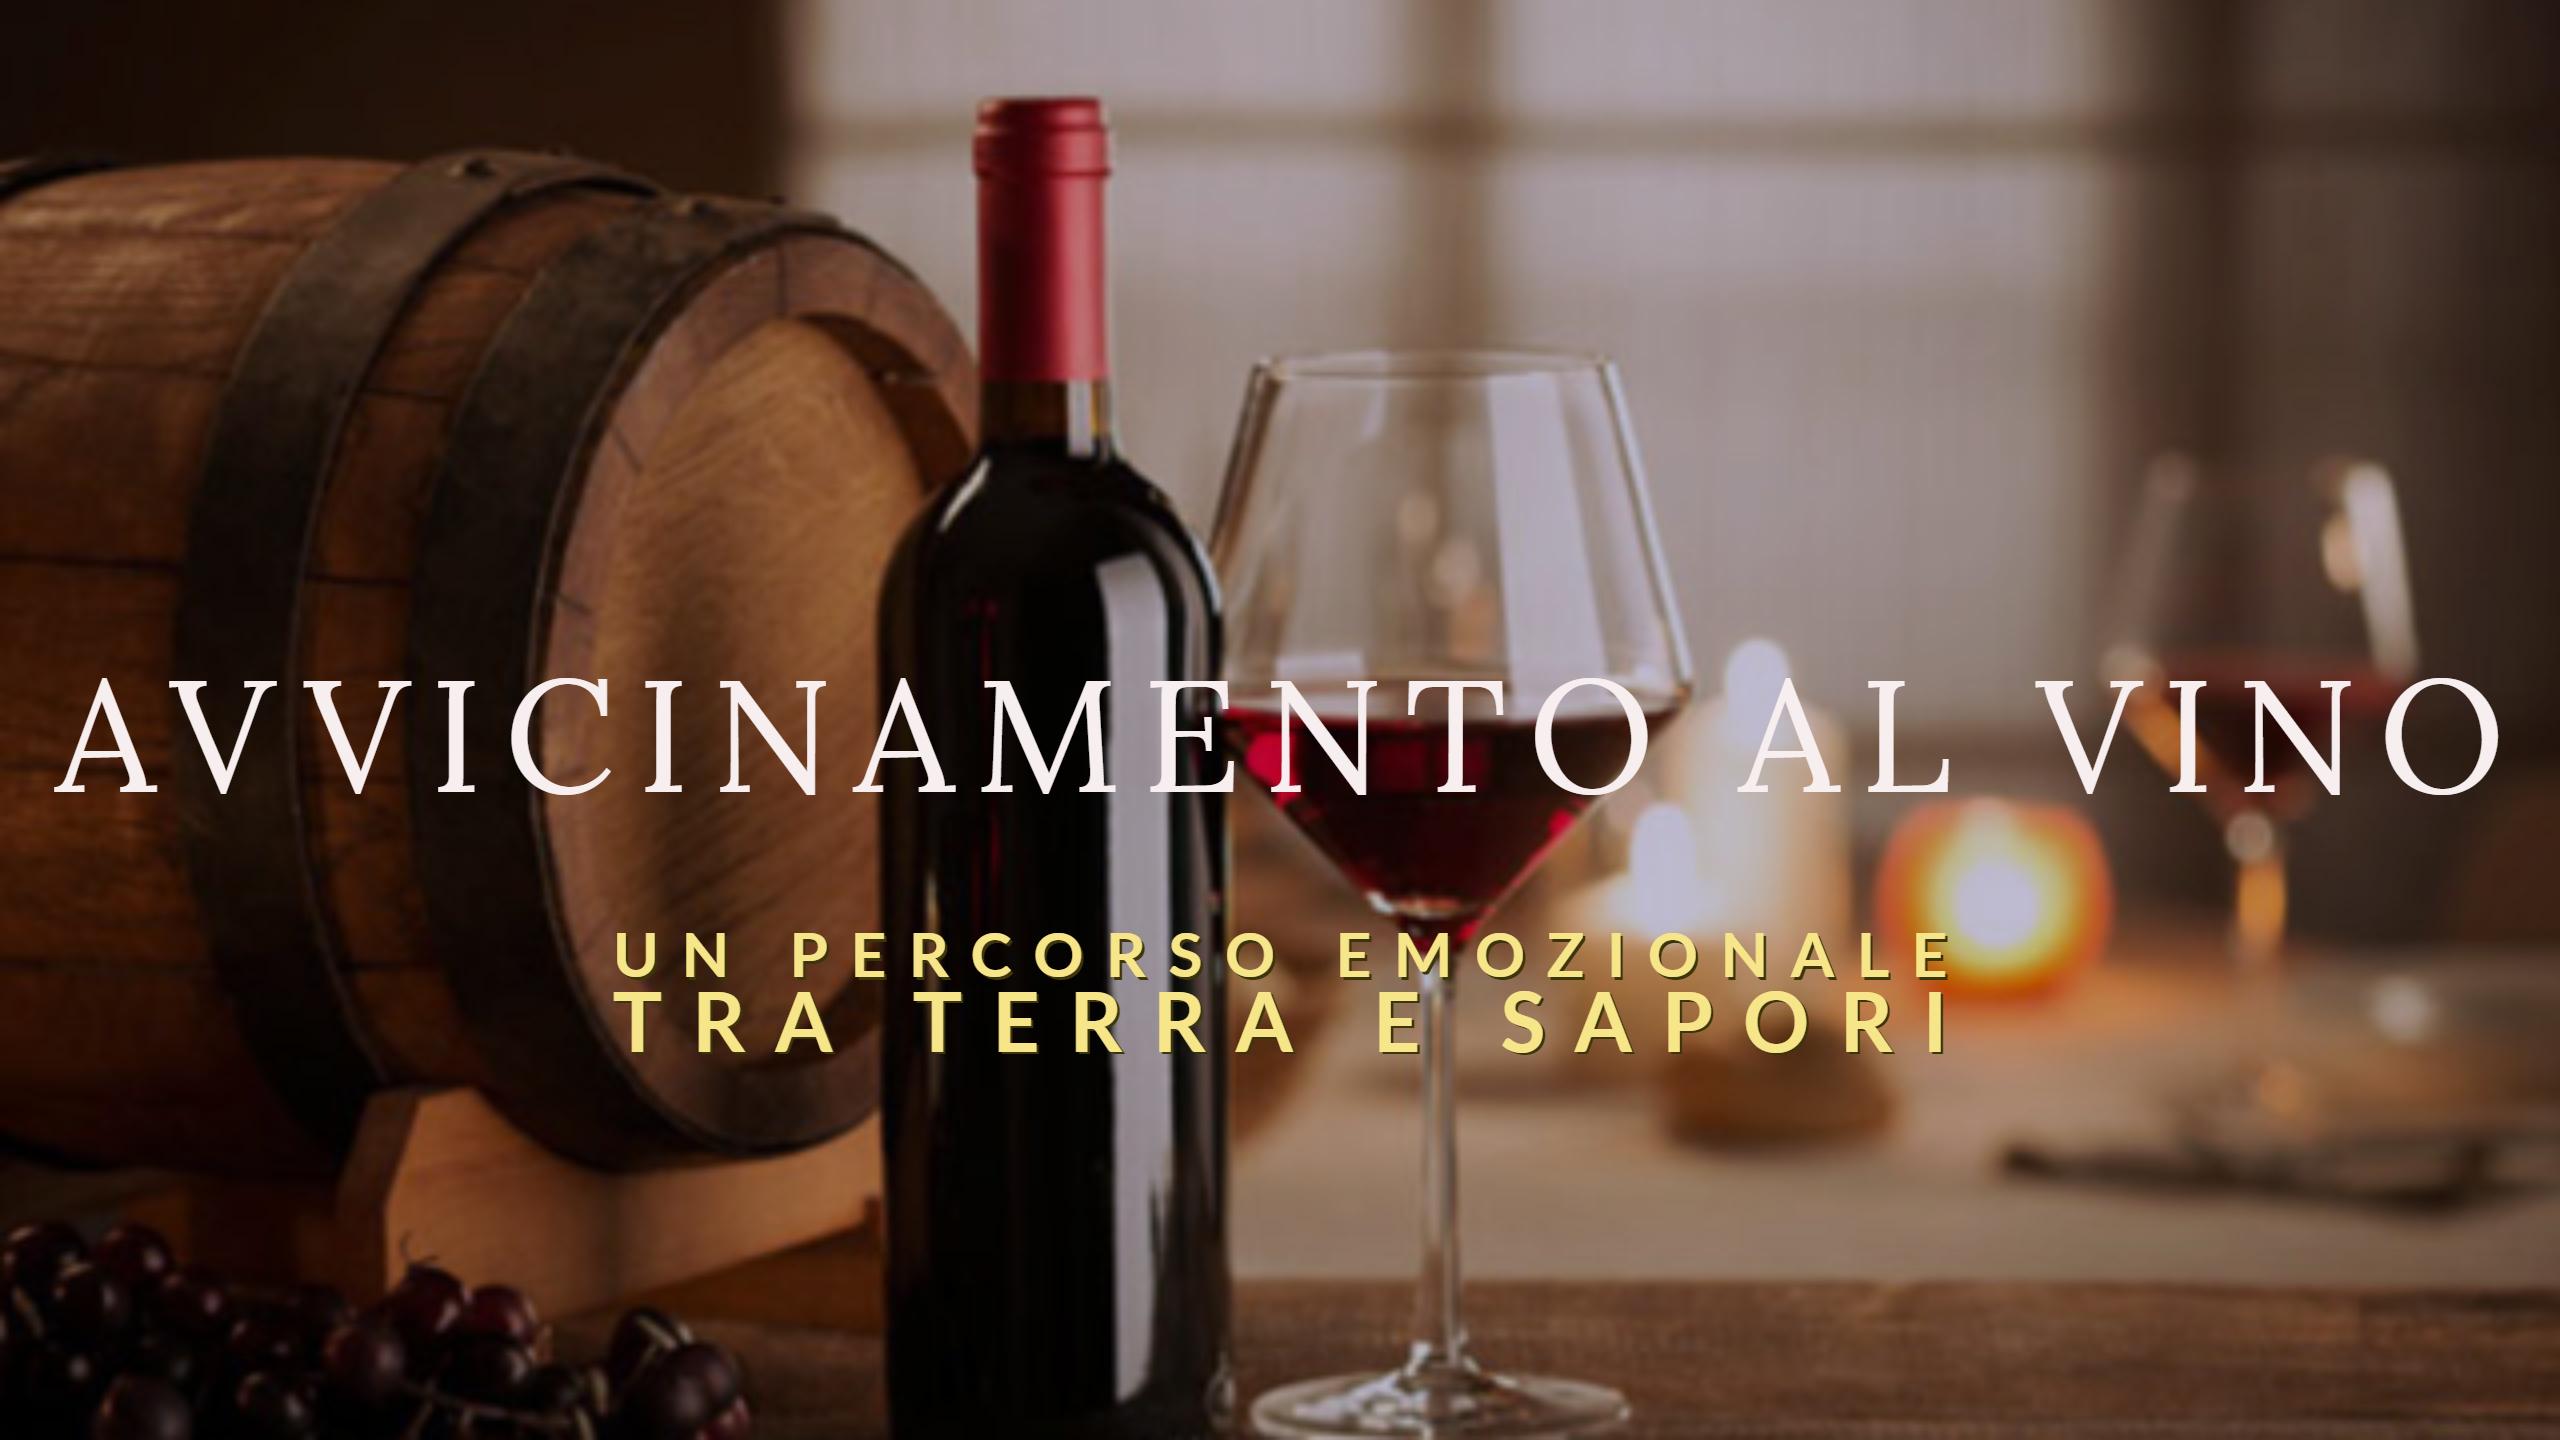 Avvicinamebto al vino